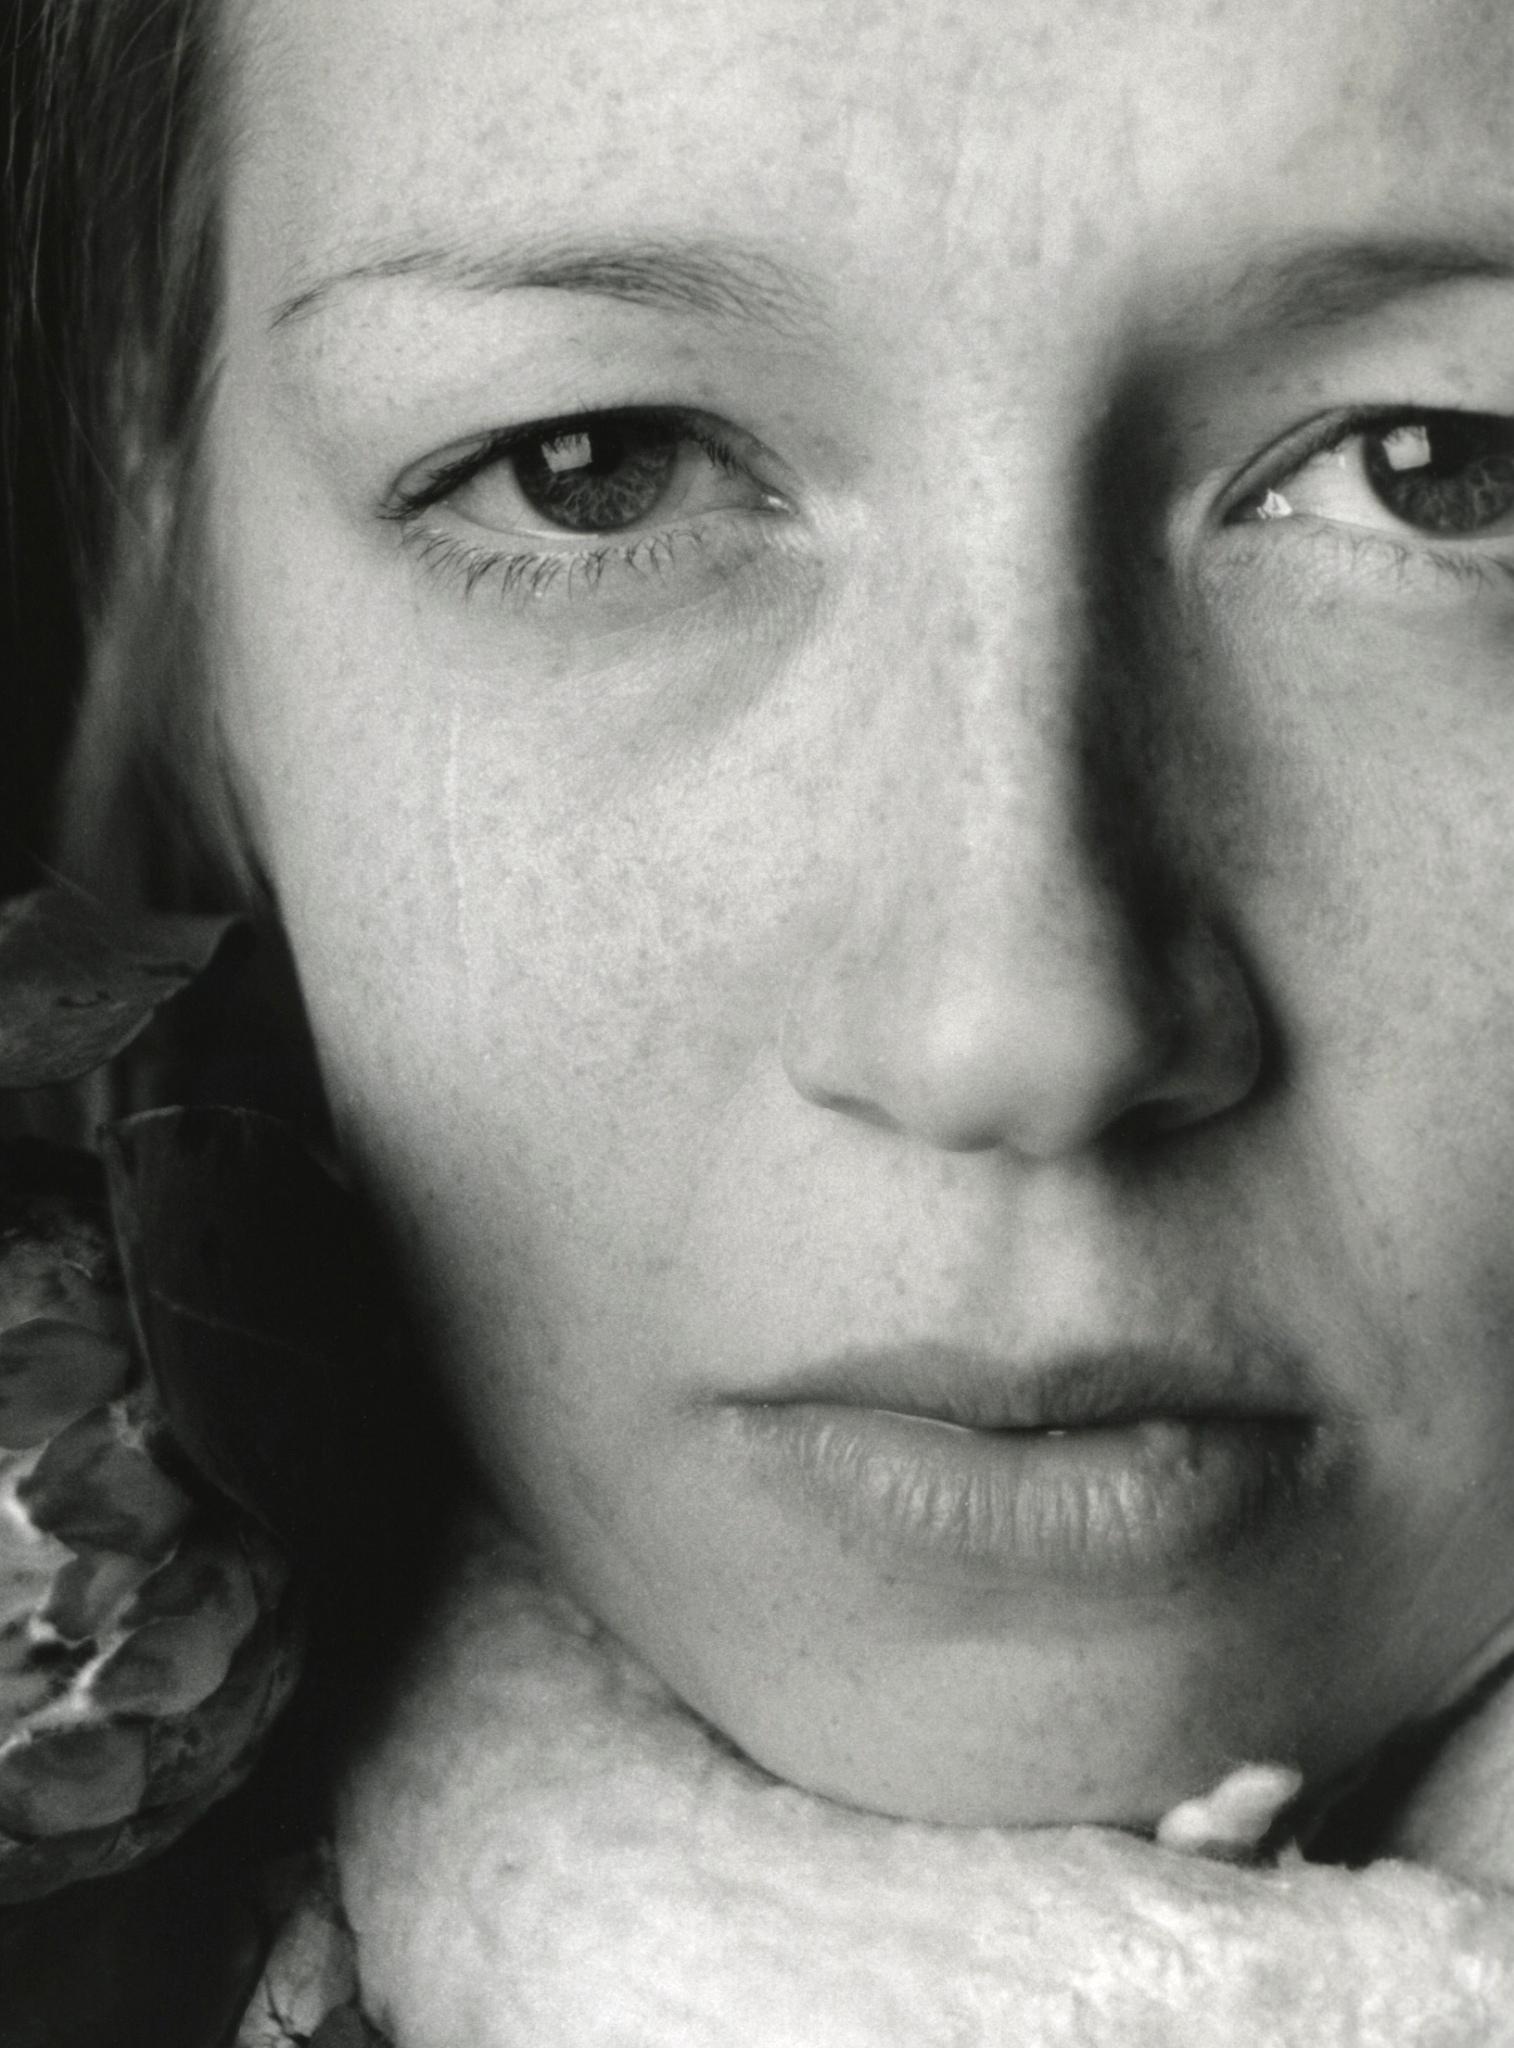 Gråtande kvinna